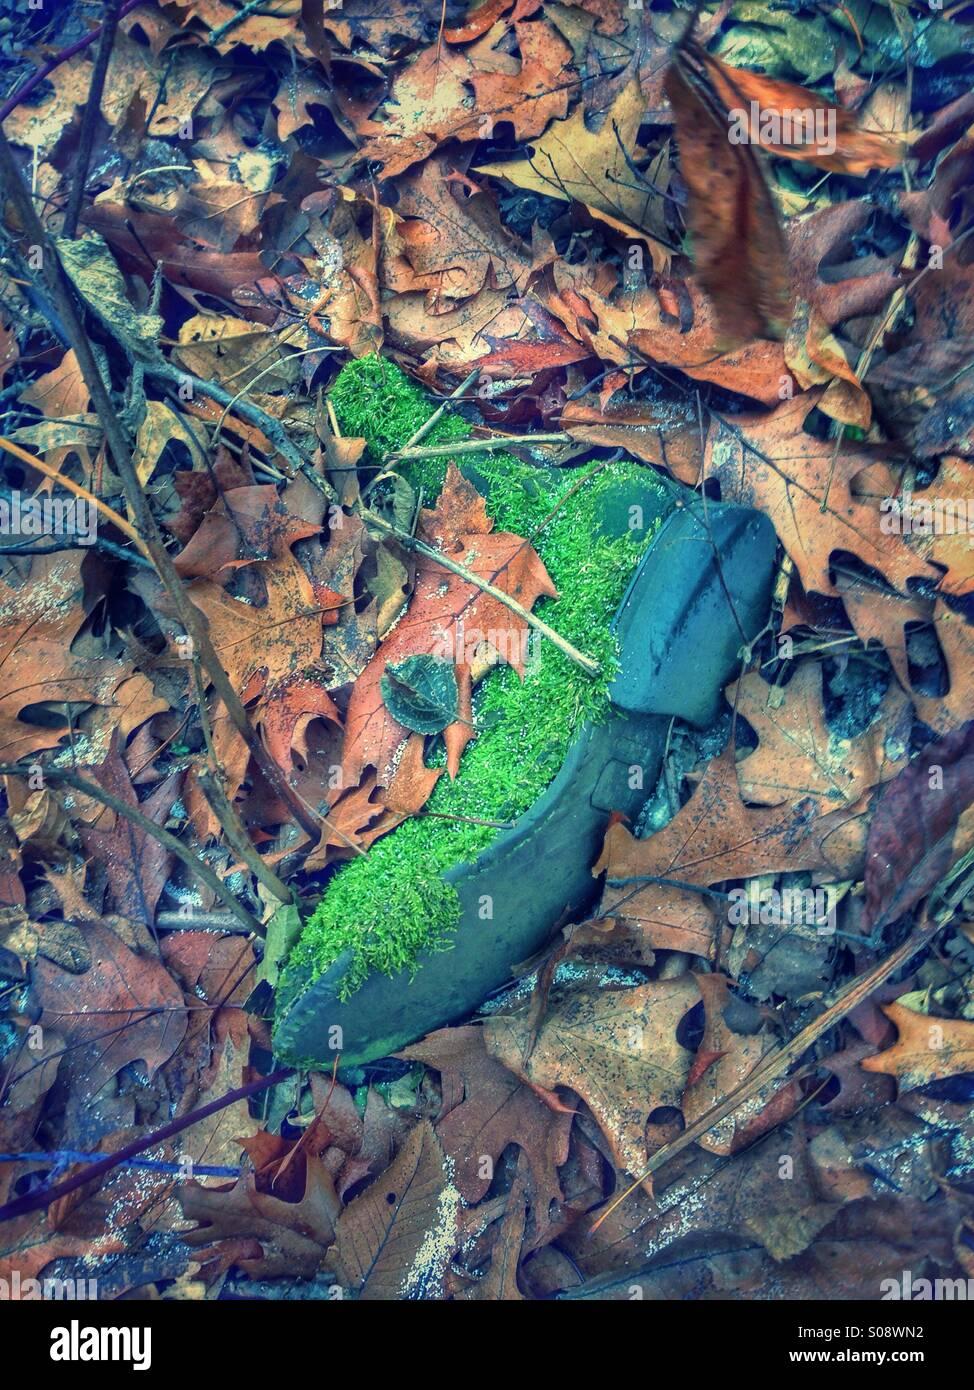 Vieux boot moussu dans les feuilles. Photo Stock